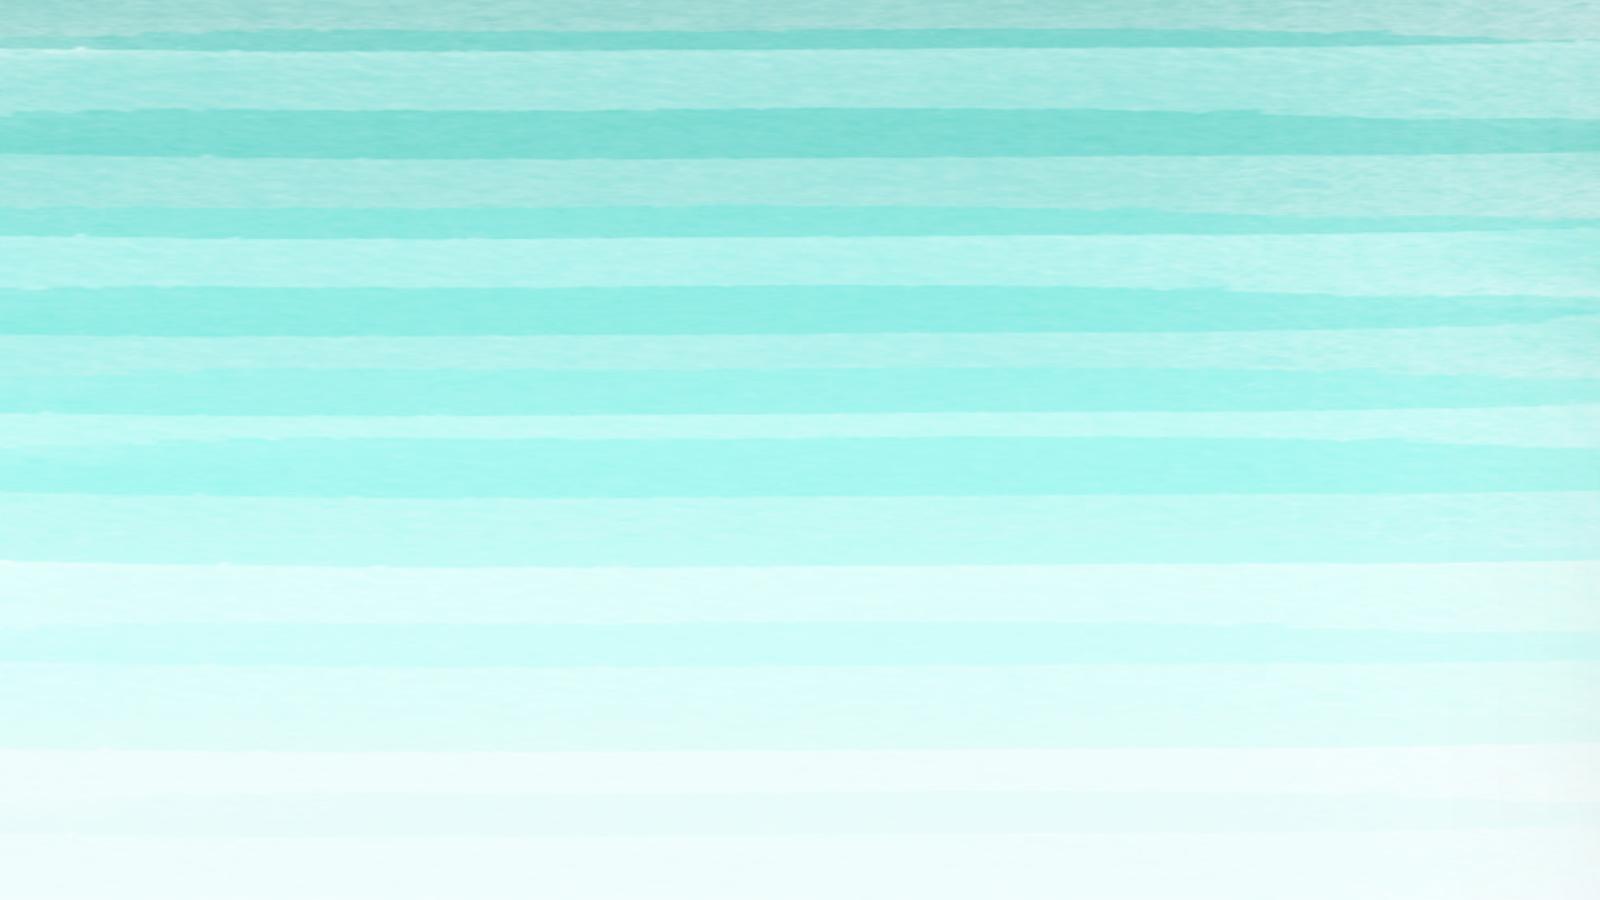 Oh So Lovely FREEBIES 1 Stripe Desktop Wallpaper Watercolor Ombre Wallpapers